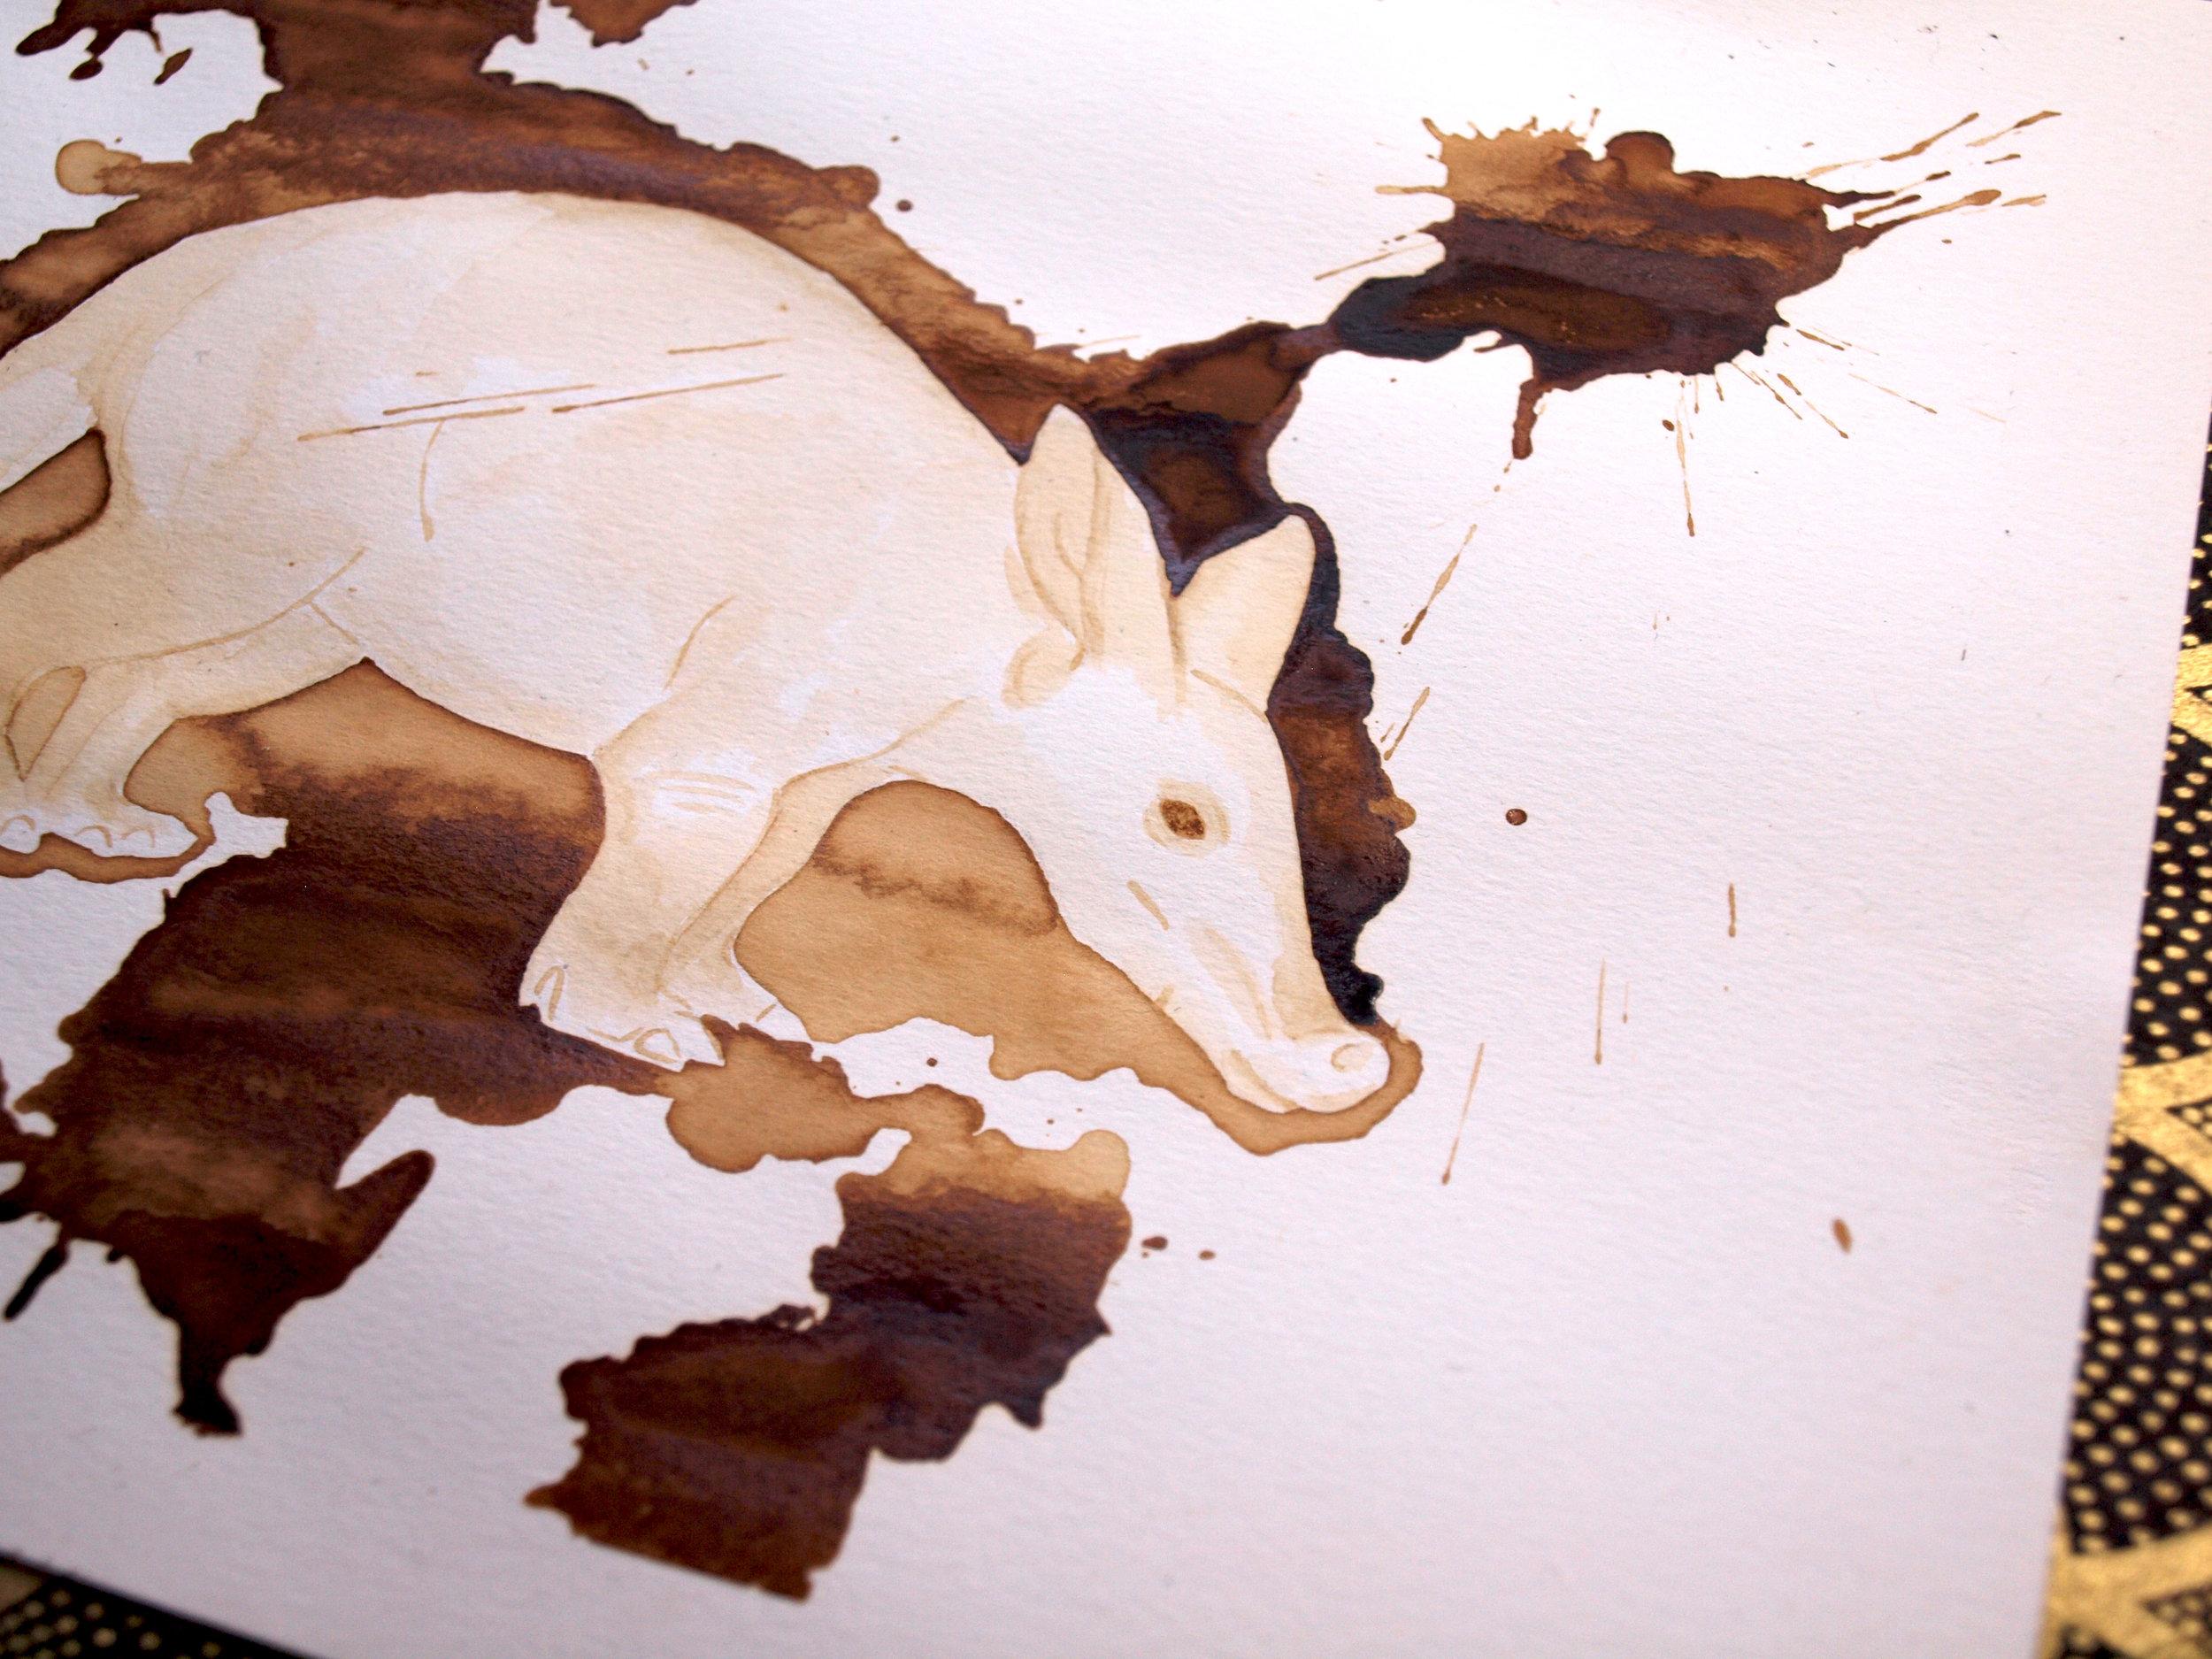 aardvark3.jpg